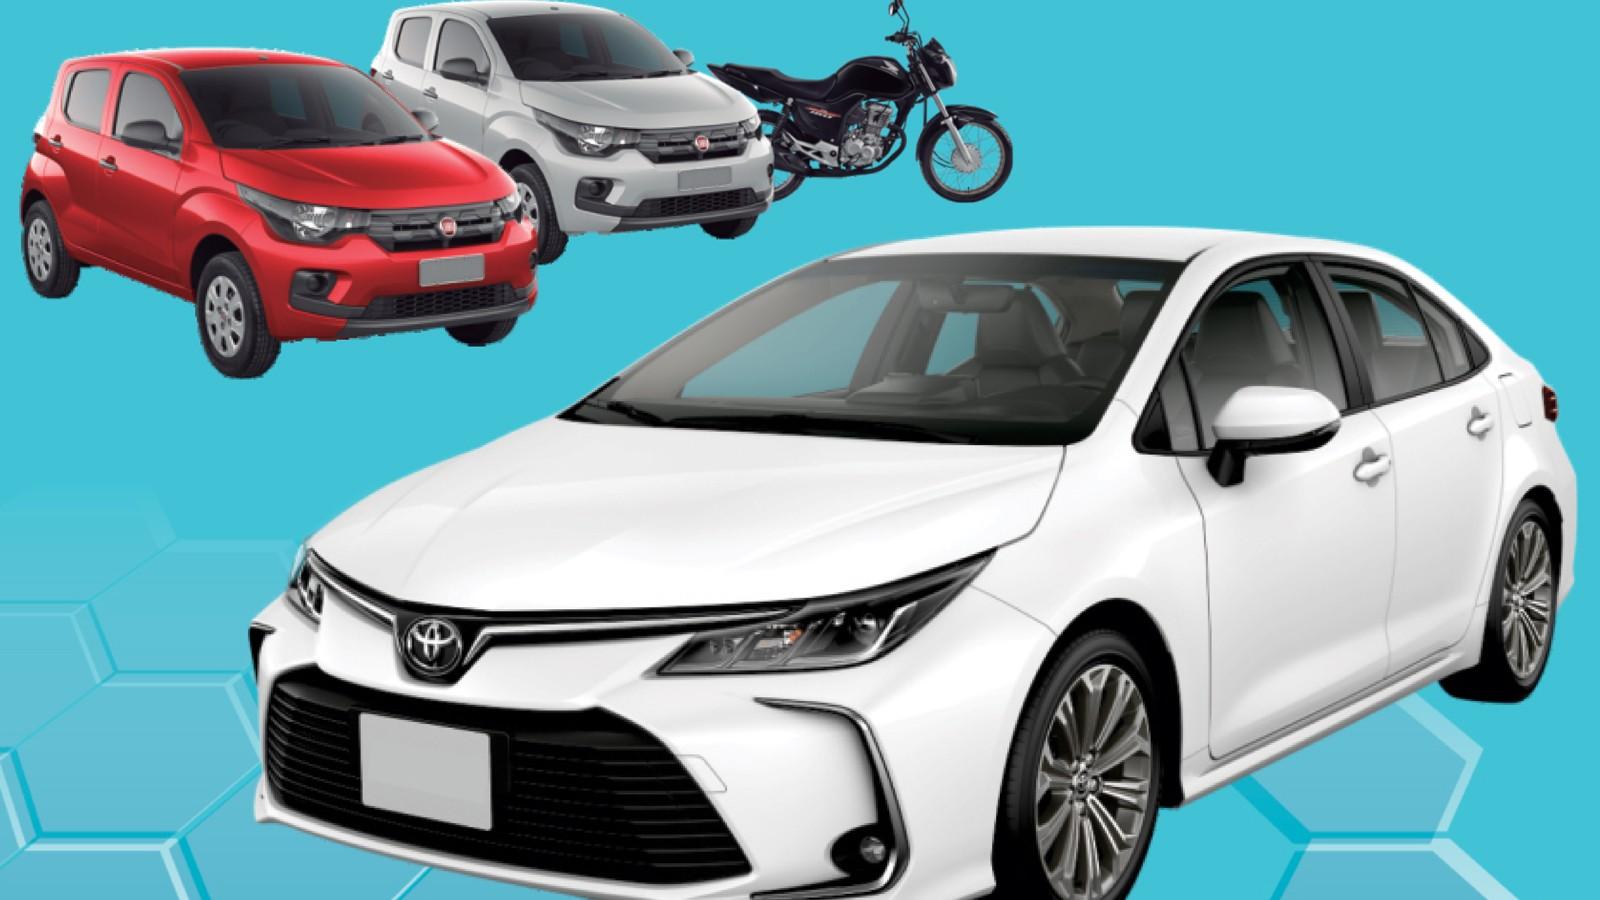 Vida Cap Campinas dará três carros, moto e dinheiro no 1º sorteio de março